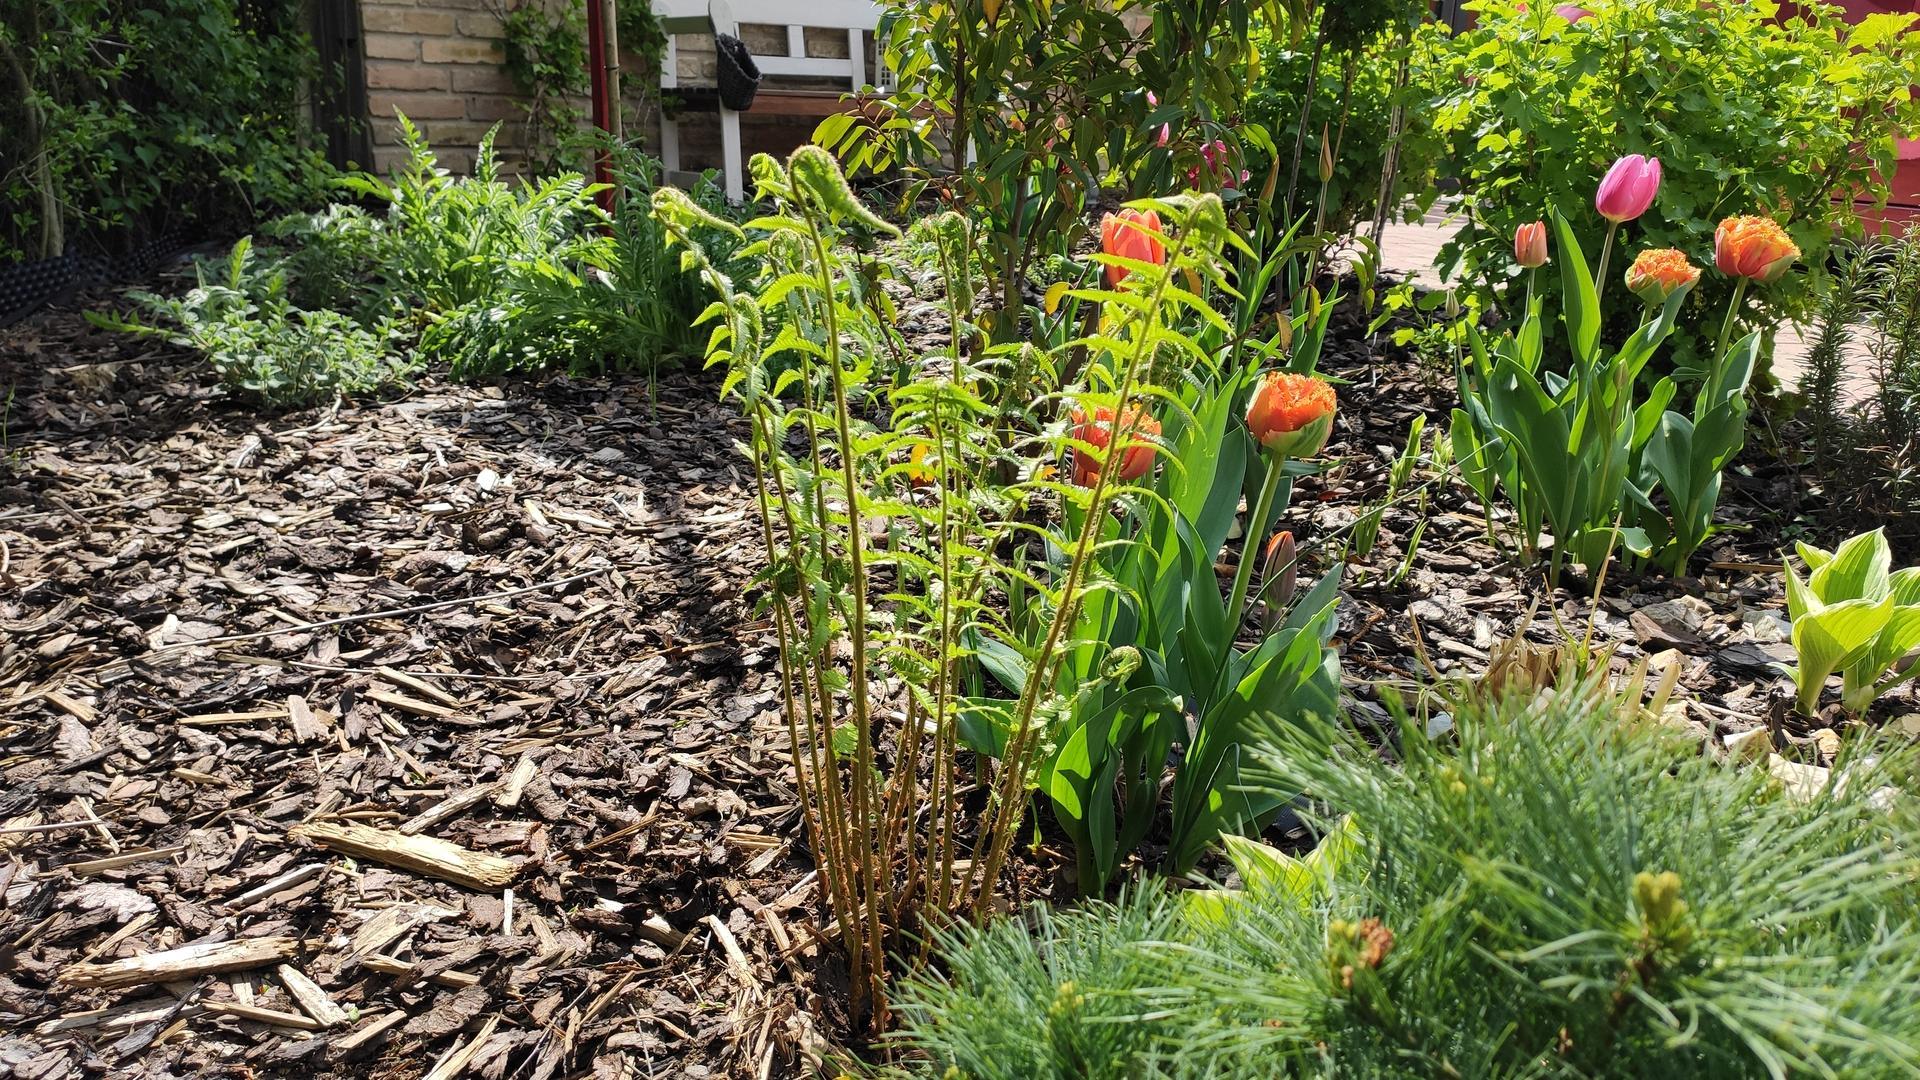 záhrada vidiecka, farebná rok 2021 - Obrázok č. 25